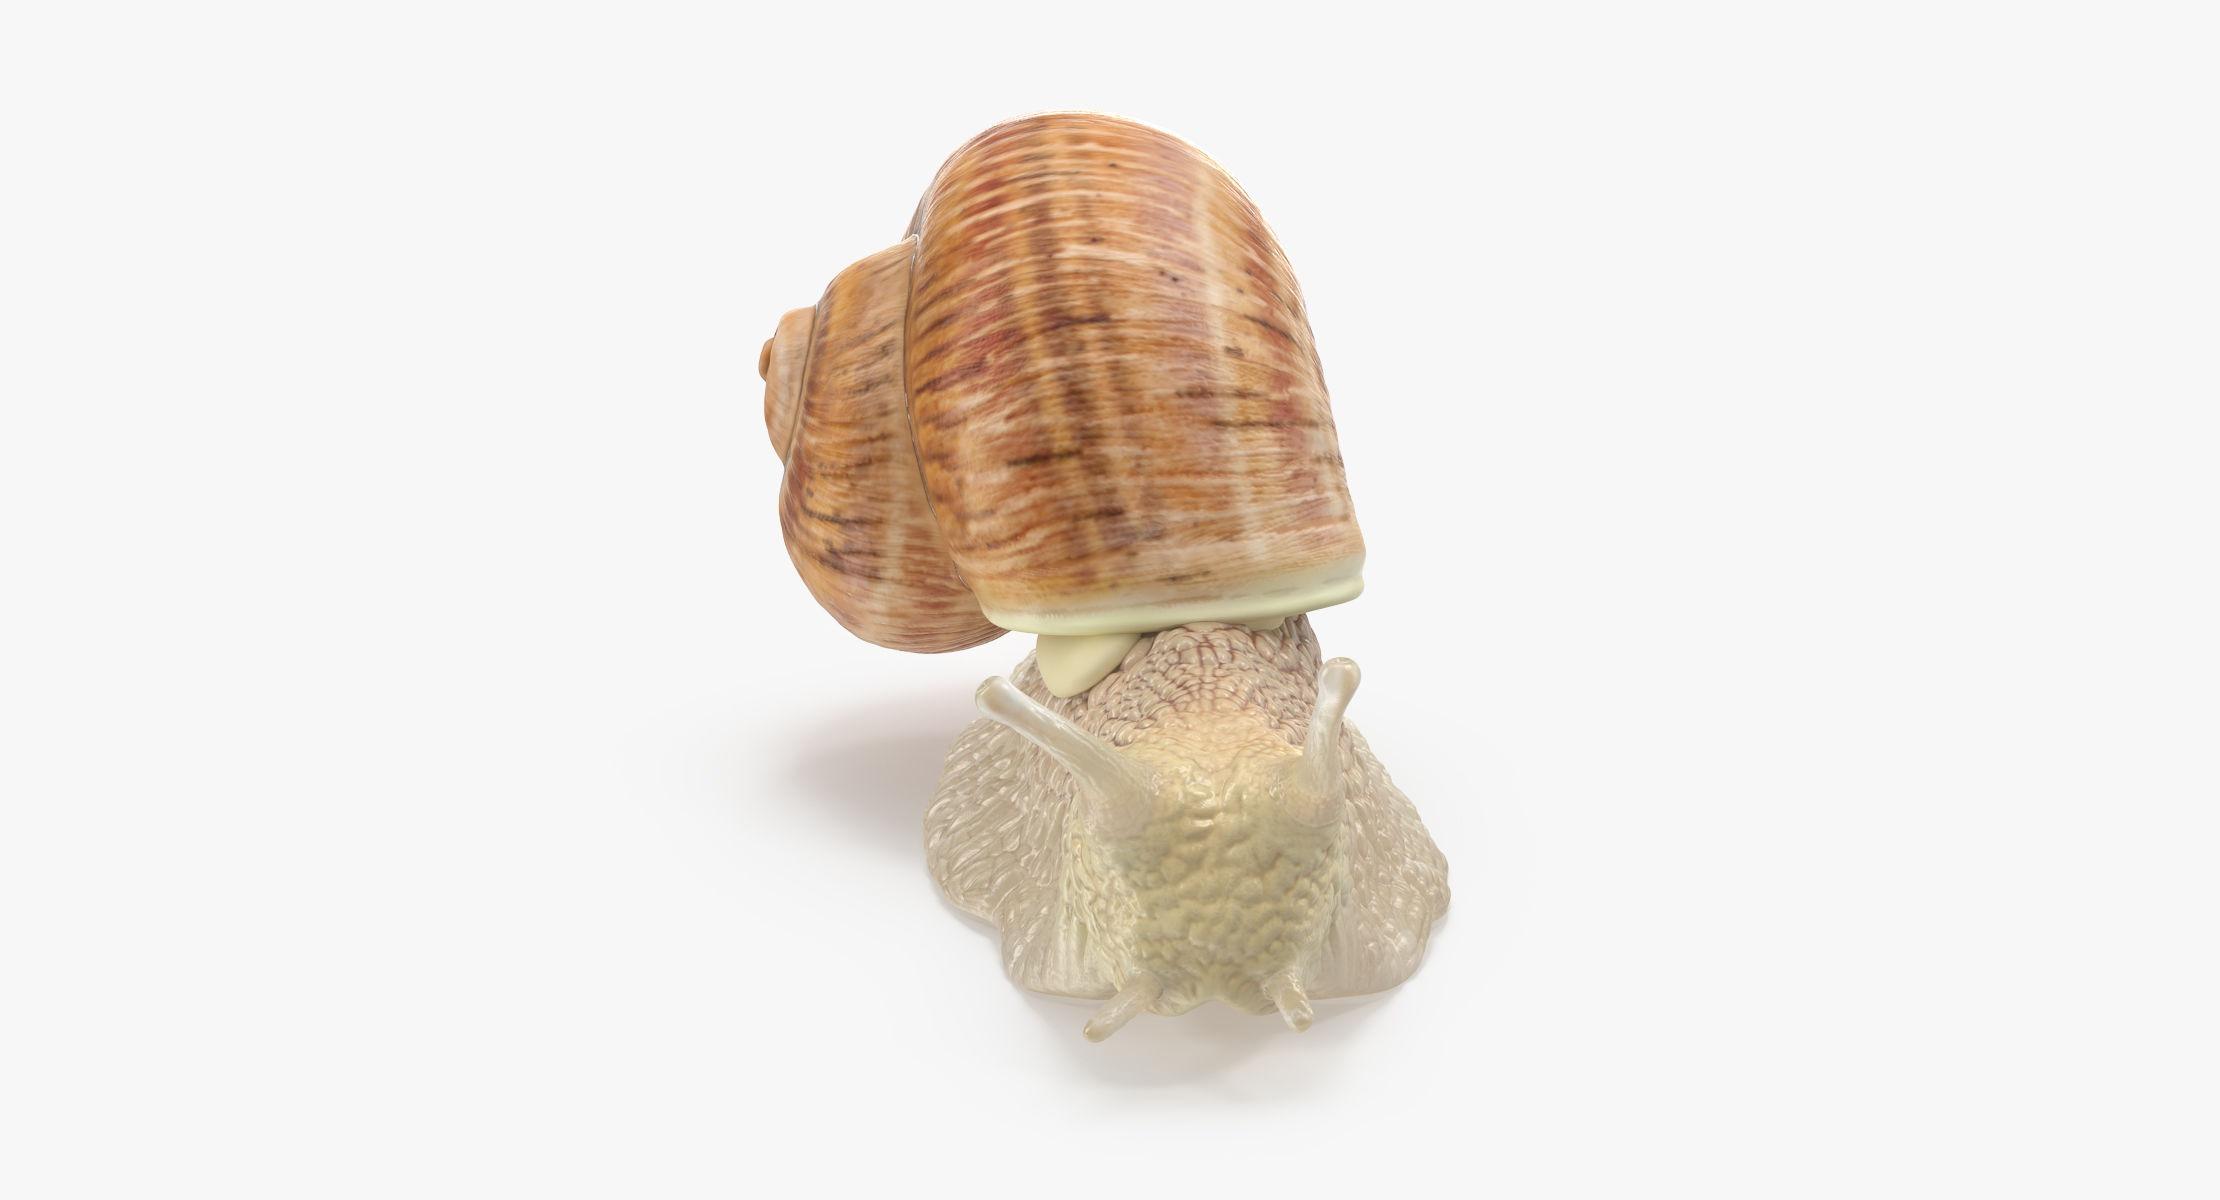 Snail 03 - reel 1